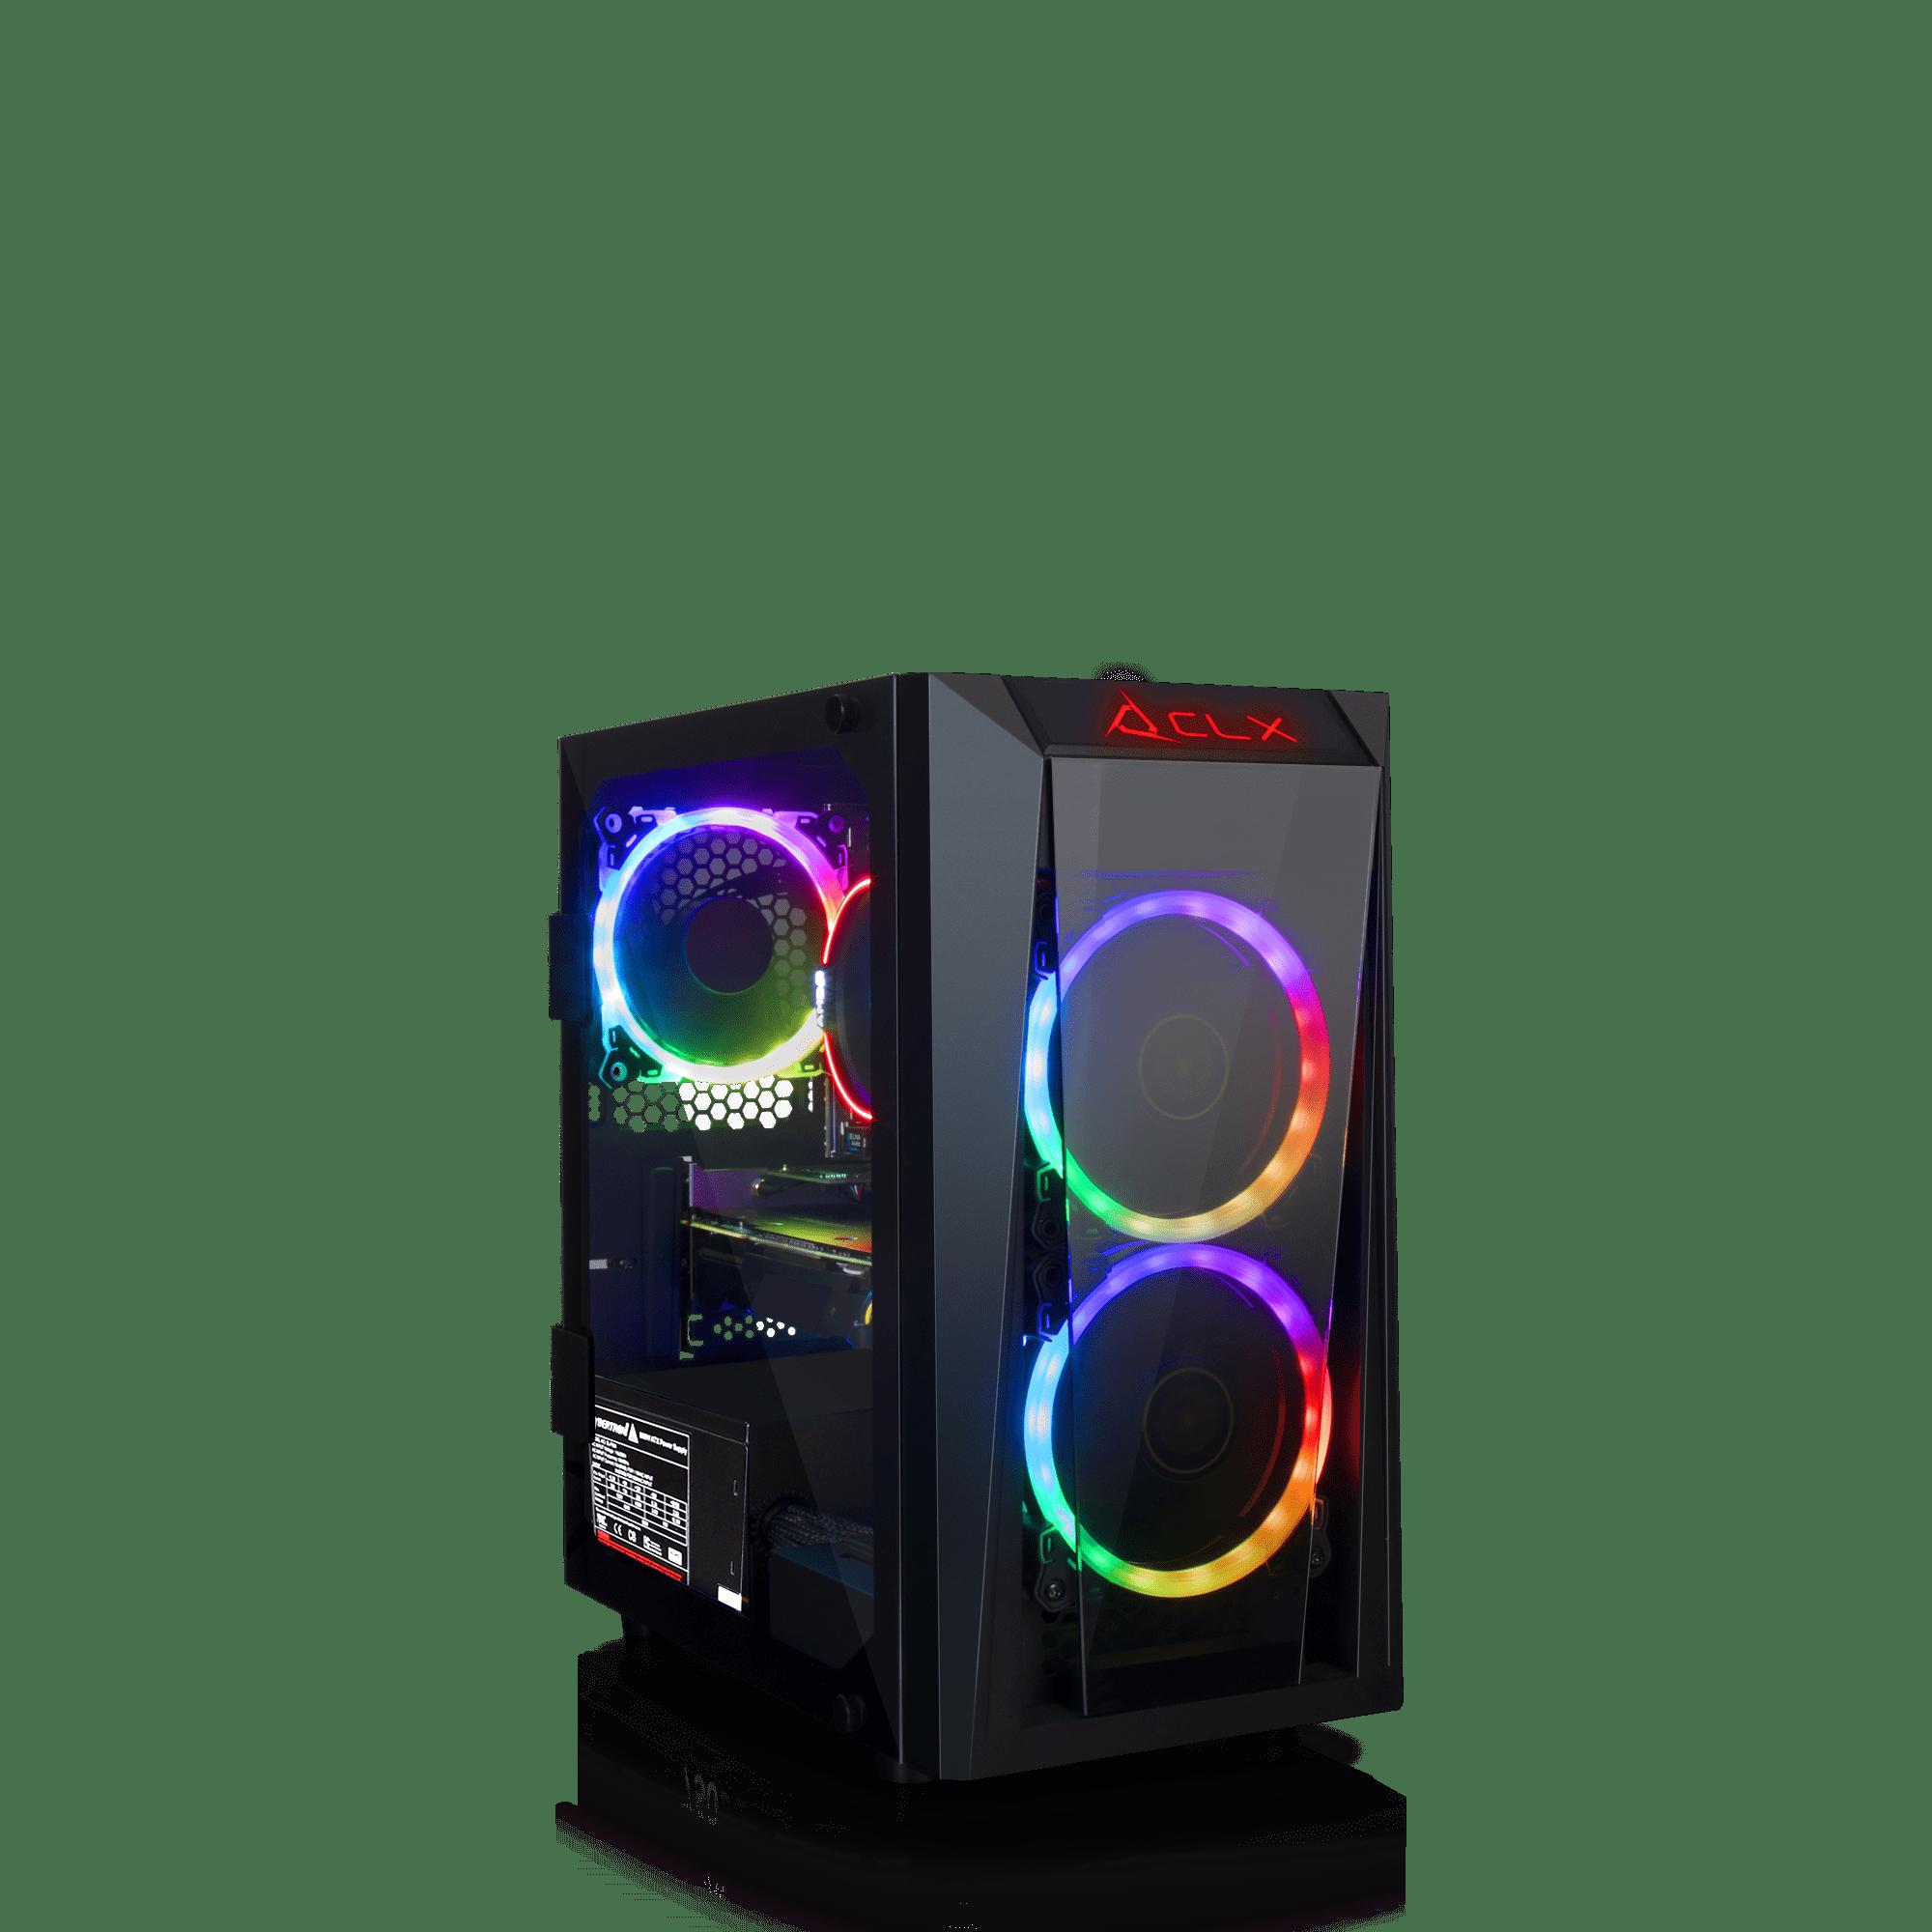 CLX SET GAMING AMD Ryzen 7 2700 3.2GHz, NVIDIA GeForce GTX 1660 6GB, 16GB Mem, 120 SSD + 1TB HDD